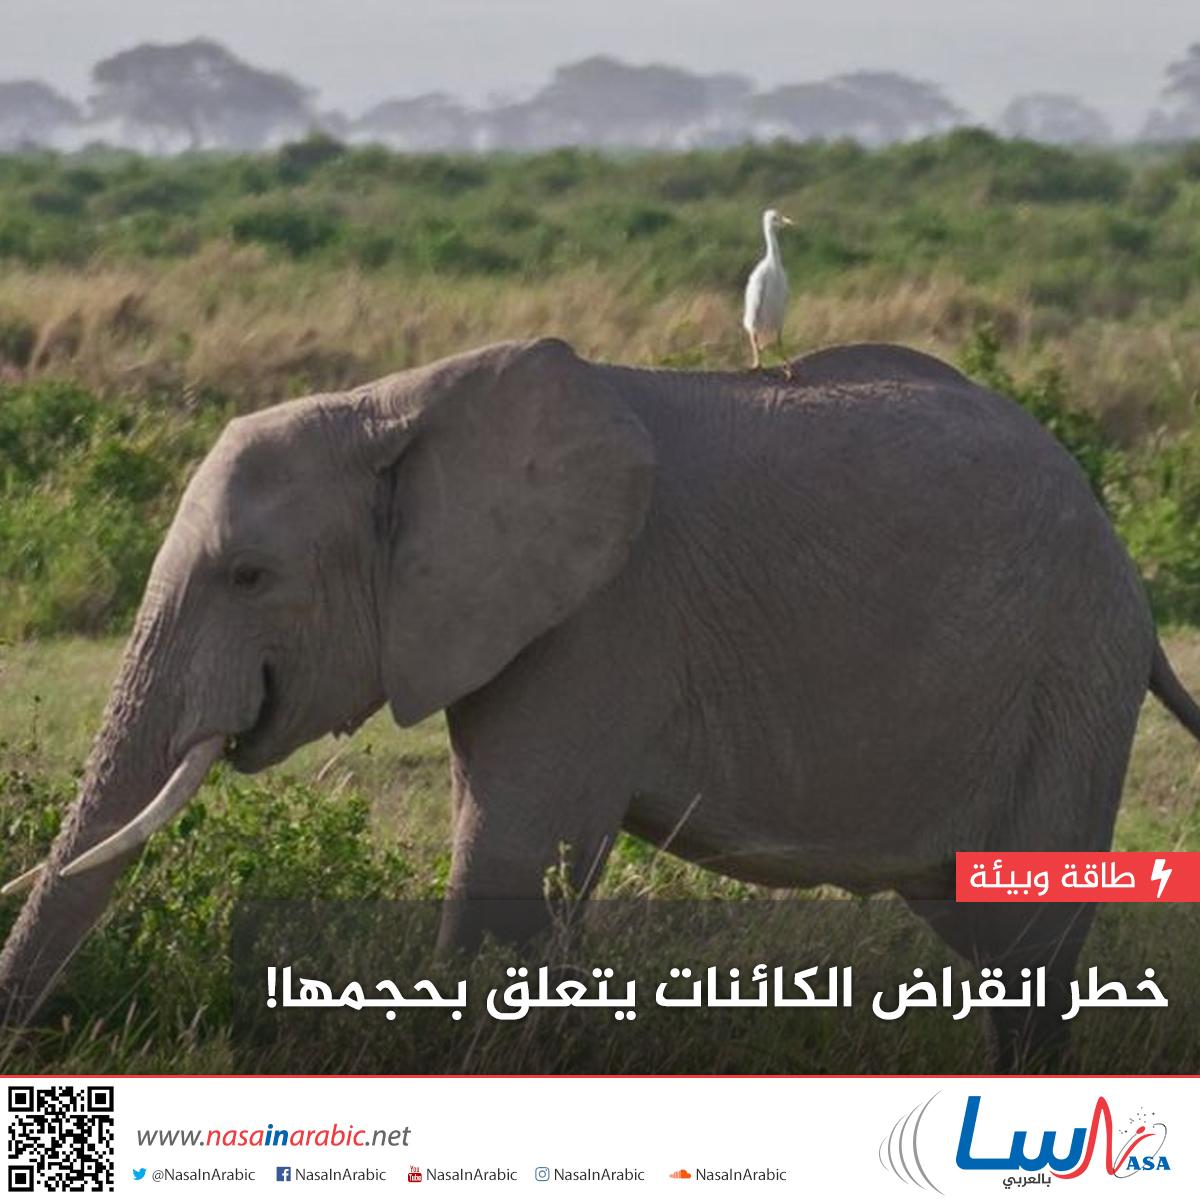 خطر انقراض الكائنات يتعلق بحجمها!